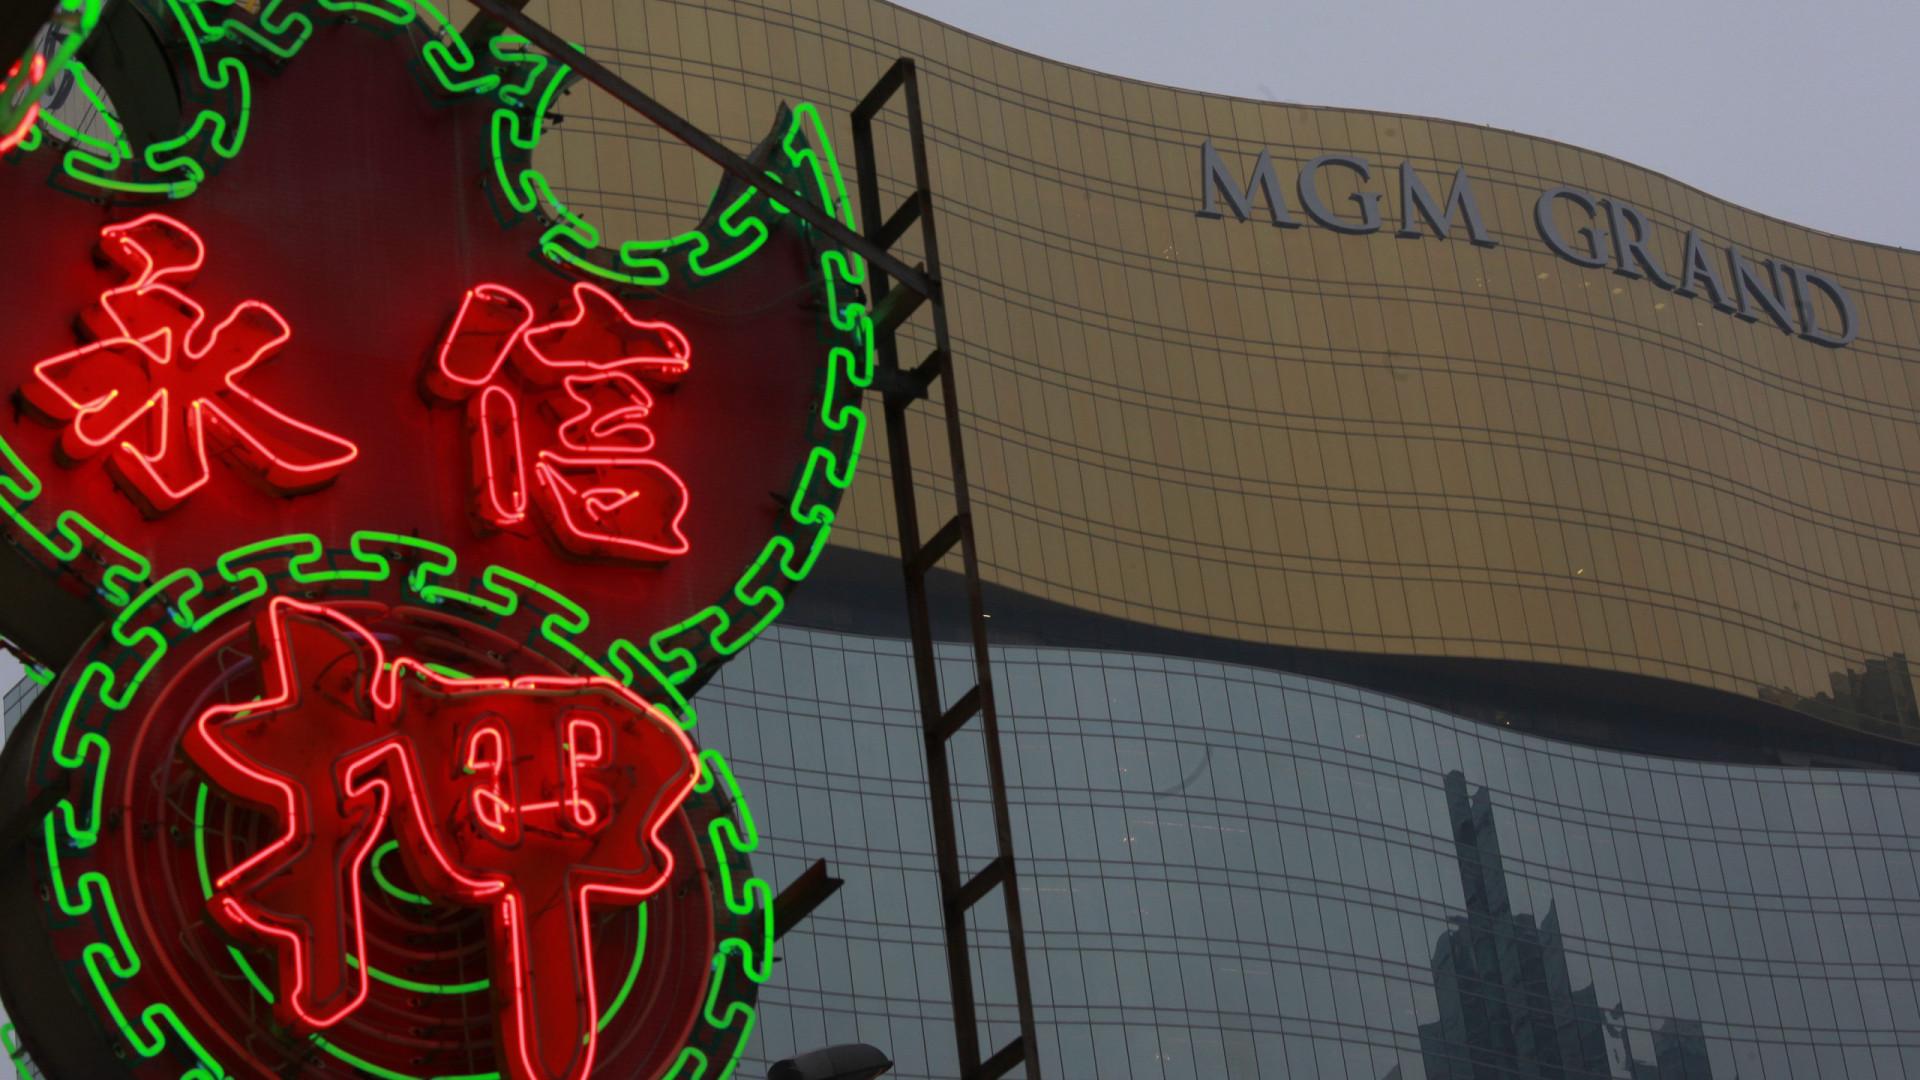 Lucros da MGM em Macau subiram 32% para 2,4 mil milhões de dólares